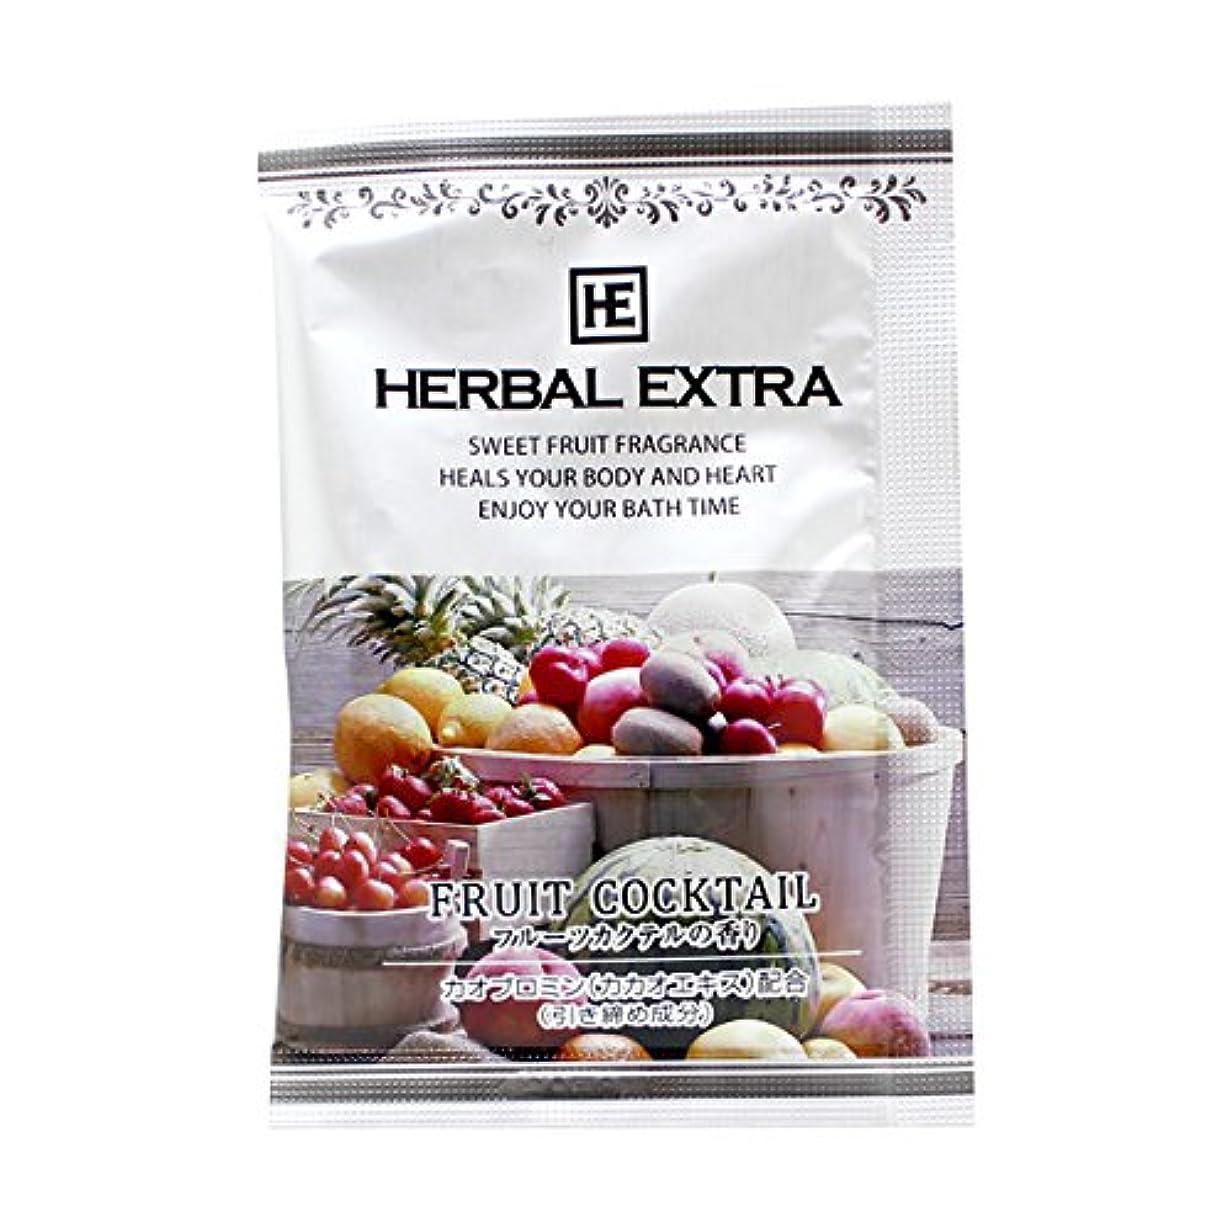 免除何故なの罰入浴剤 ハーバルエクストラ「フルーツカクテルの香り」30個